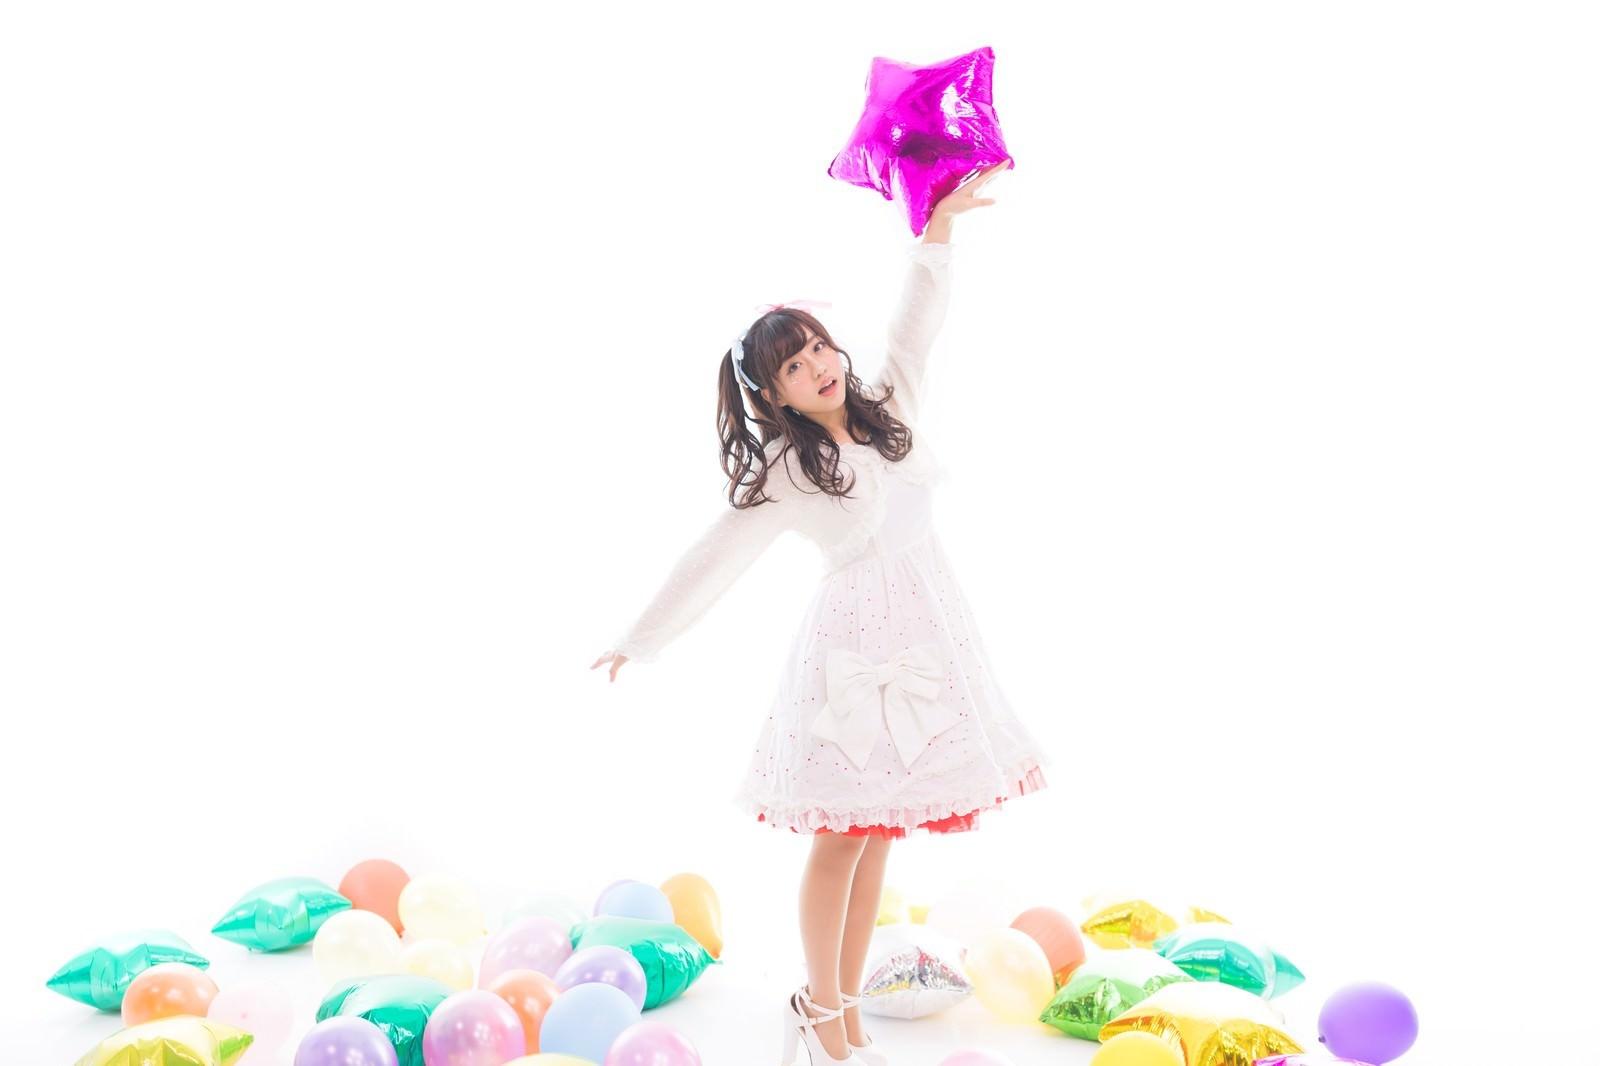 Yuka-Kawamura-Free-Stock-Photo-Idol-10.jpg